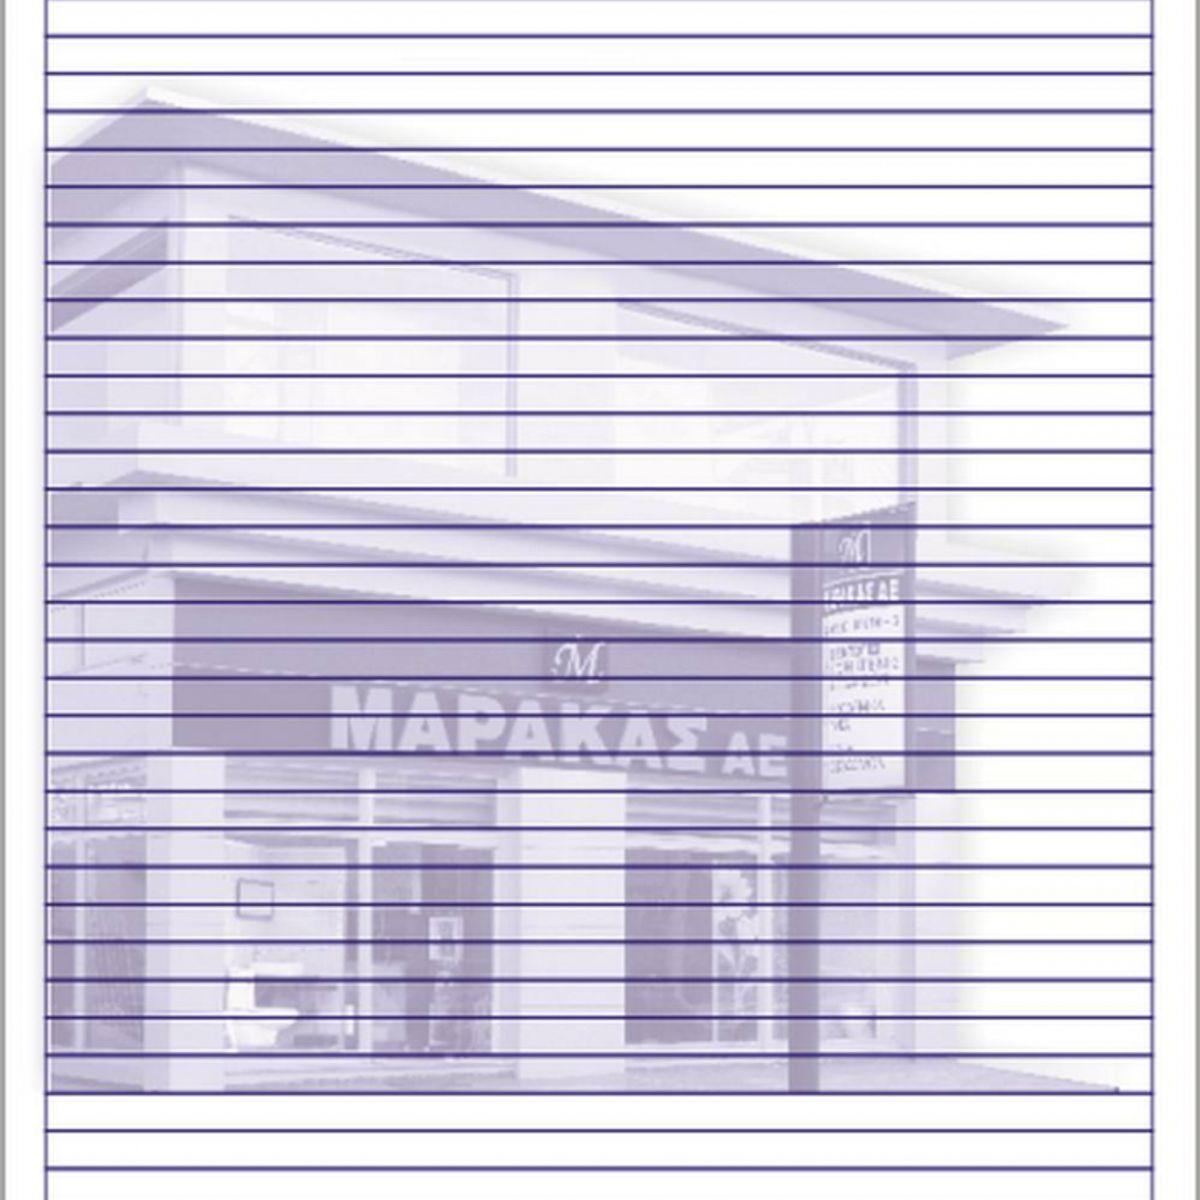 Έντυπα Μηχανογράφησης - ofa3719